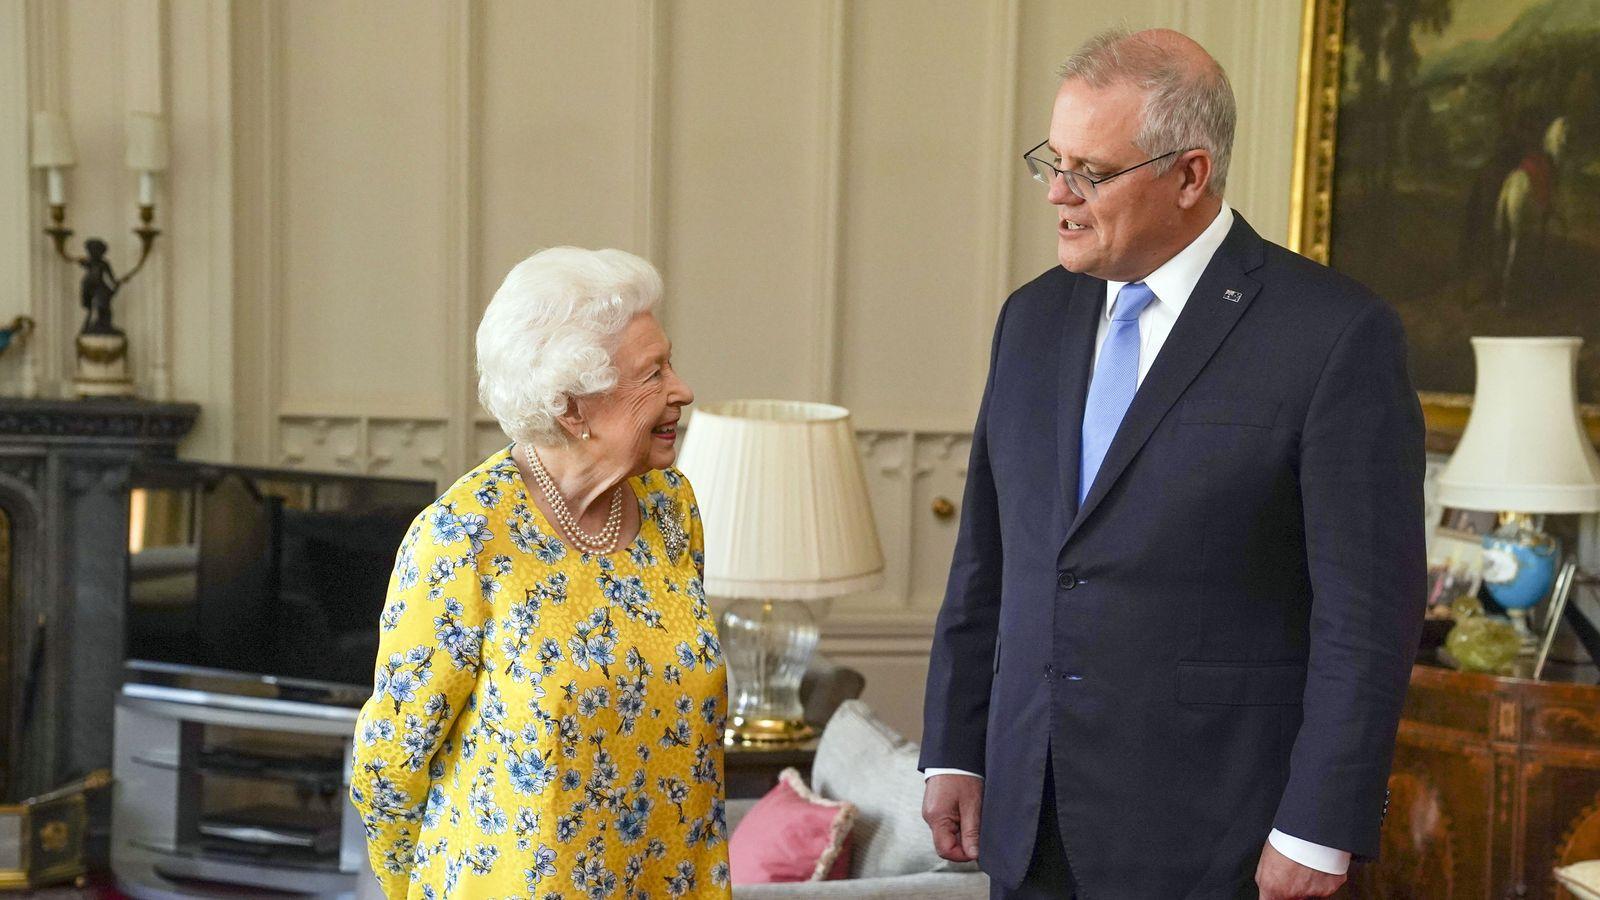 ملكة بريطانيا خلال استقبالها لرئيس وزراء استراليا في قلعة وندسور